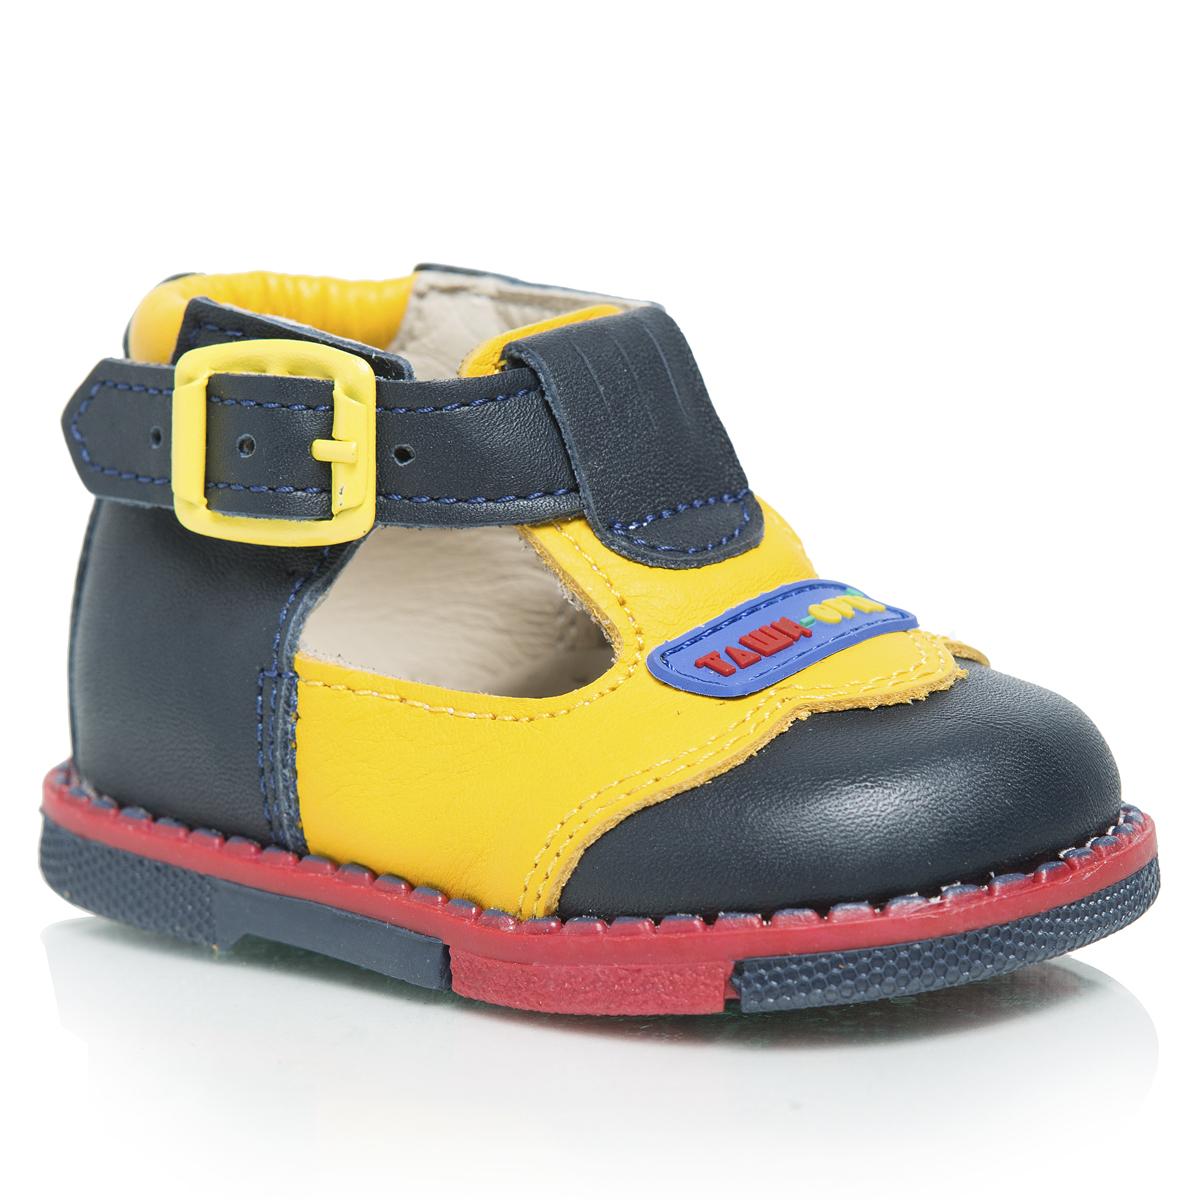 Туфли детские. 112-02112-02Стильные детские туфли Таши Орто заинтересуют вашего ребенка с первого взгляда. Модель выполнена из натуральной кожи контрастных цветов. Ремешок на застежке-пряжке помогает оптимально подогнать полноту обуви по ноге и гарантирует надежную фиксацию. Подъем декорирован нашивкой с символикой бренда. Литая анатомическая стелька из натуральной кожи со сводоподдерживающим элементом и латексным покрытием, не продавливающаяся во время носки, обеспечивает правильное формирование стопы. Благодаря использованию современных внутренних материалов, позволяет оптимально распределить нагрузку по всей площади стопы, дает ножке ощущение мягкости и комфорта. Мягкая верхняя часть, которая плотно прилегает к ножке, и подкладка, изготовленная из натуральной кожи, позволяют избежать натирания. Полужесткий задник фиксирует ножку ребенка, не давая ей смещаться из стороны в сторону и назад. Широкий, устойчивый каблук, специальной конфигурации каблук Томаса, продлен с внутренней стороны до середины стопы,...